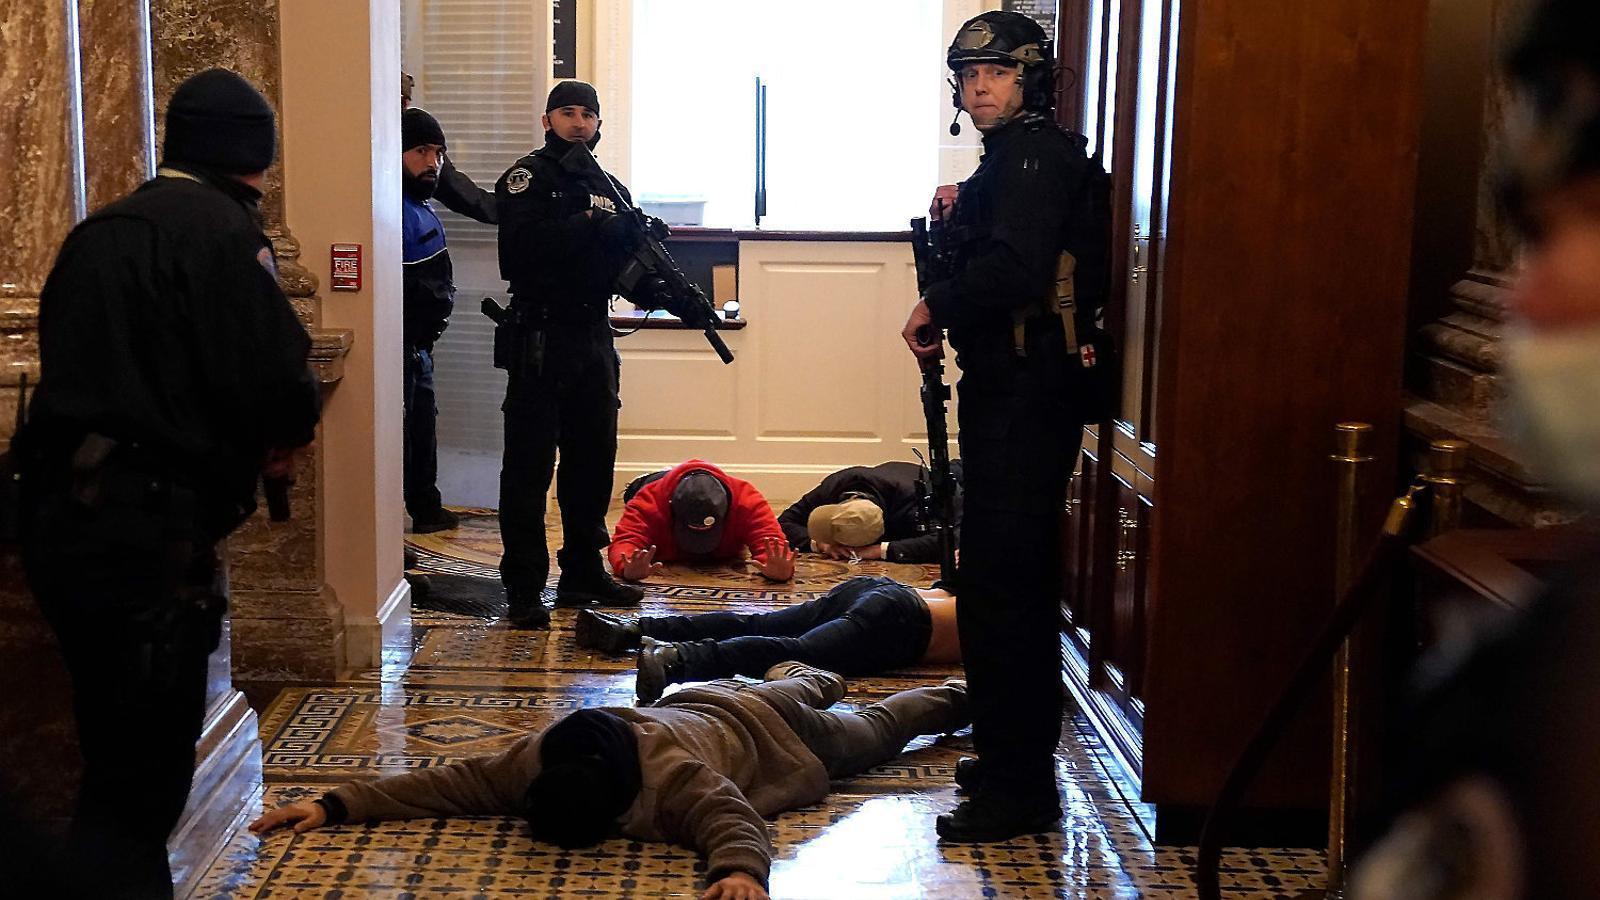 Agents de policia detenint un grup de manifestants a l'entrada de la Cambra de Representants.